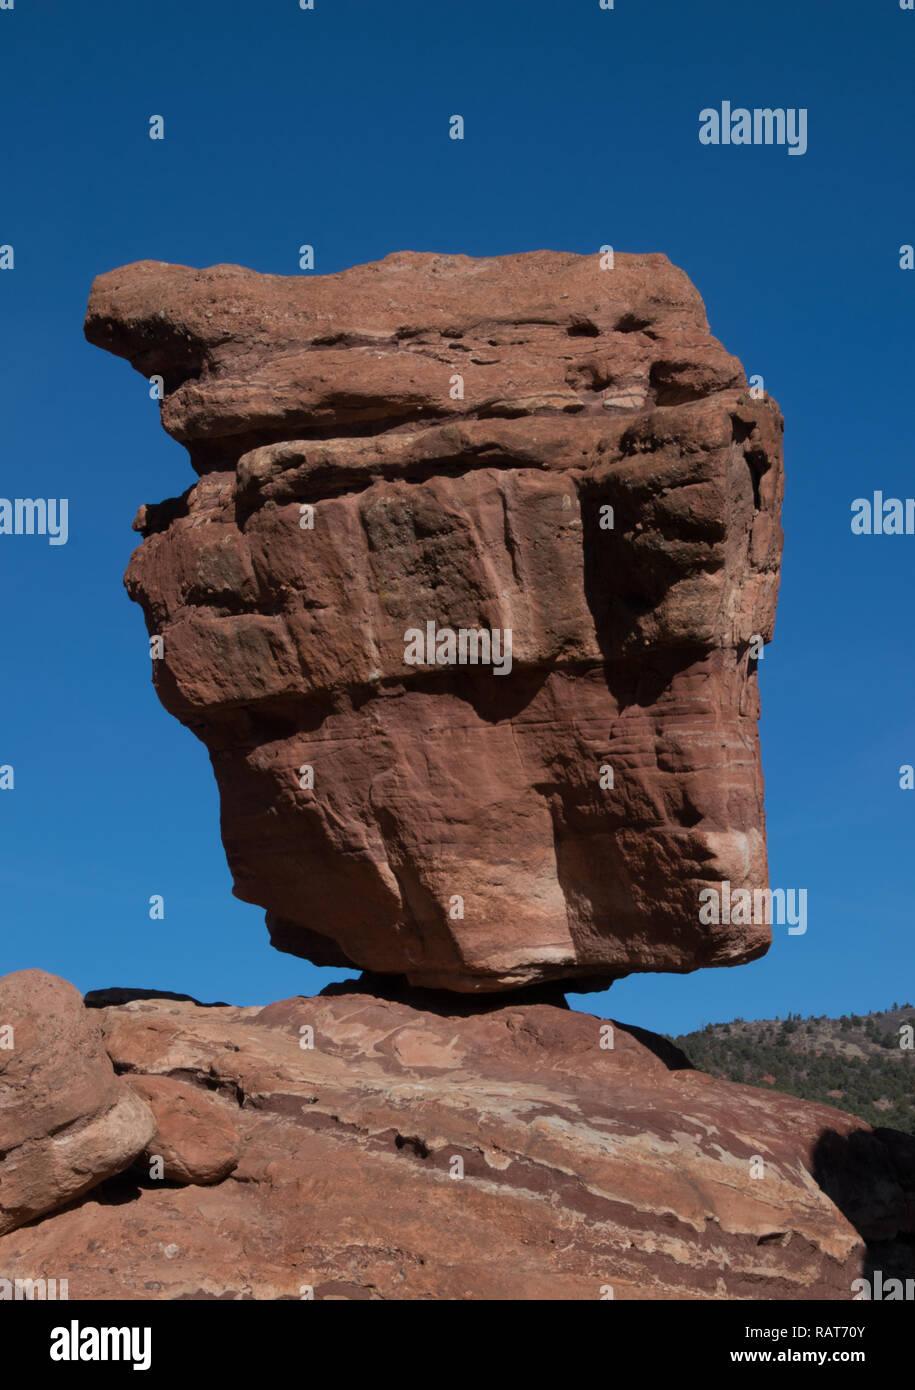 Balancing Rock, Garden of the Gods, Colorado 01/2018 - Stock Image